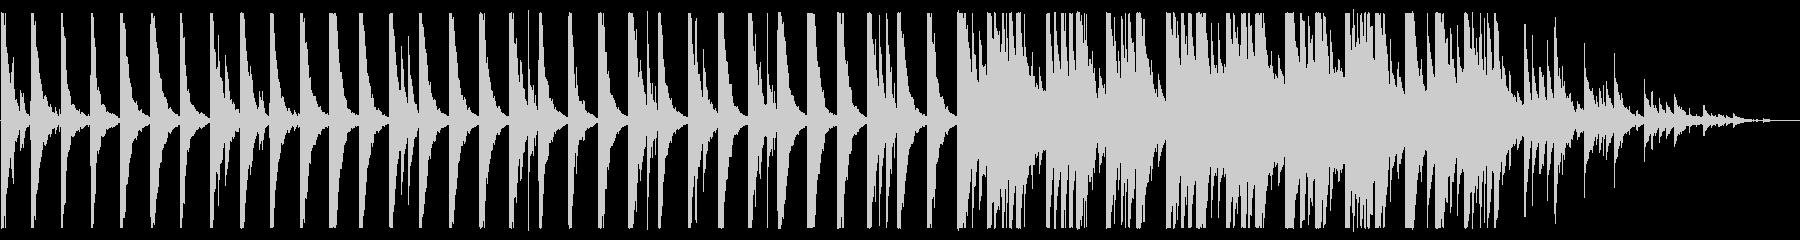 キラキラ/エレクトロニカ_No441_3の未再生の波形